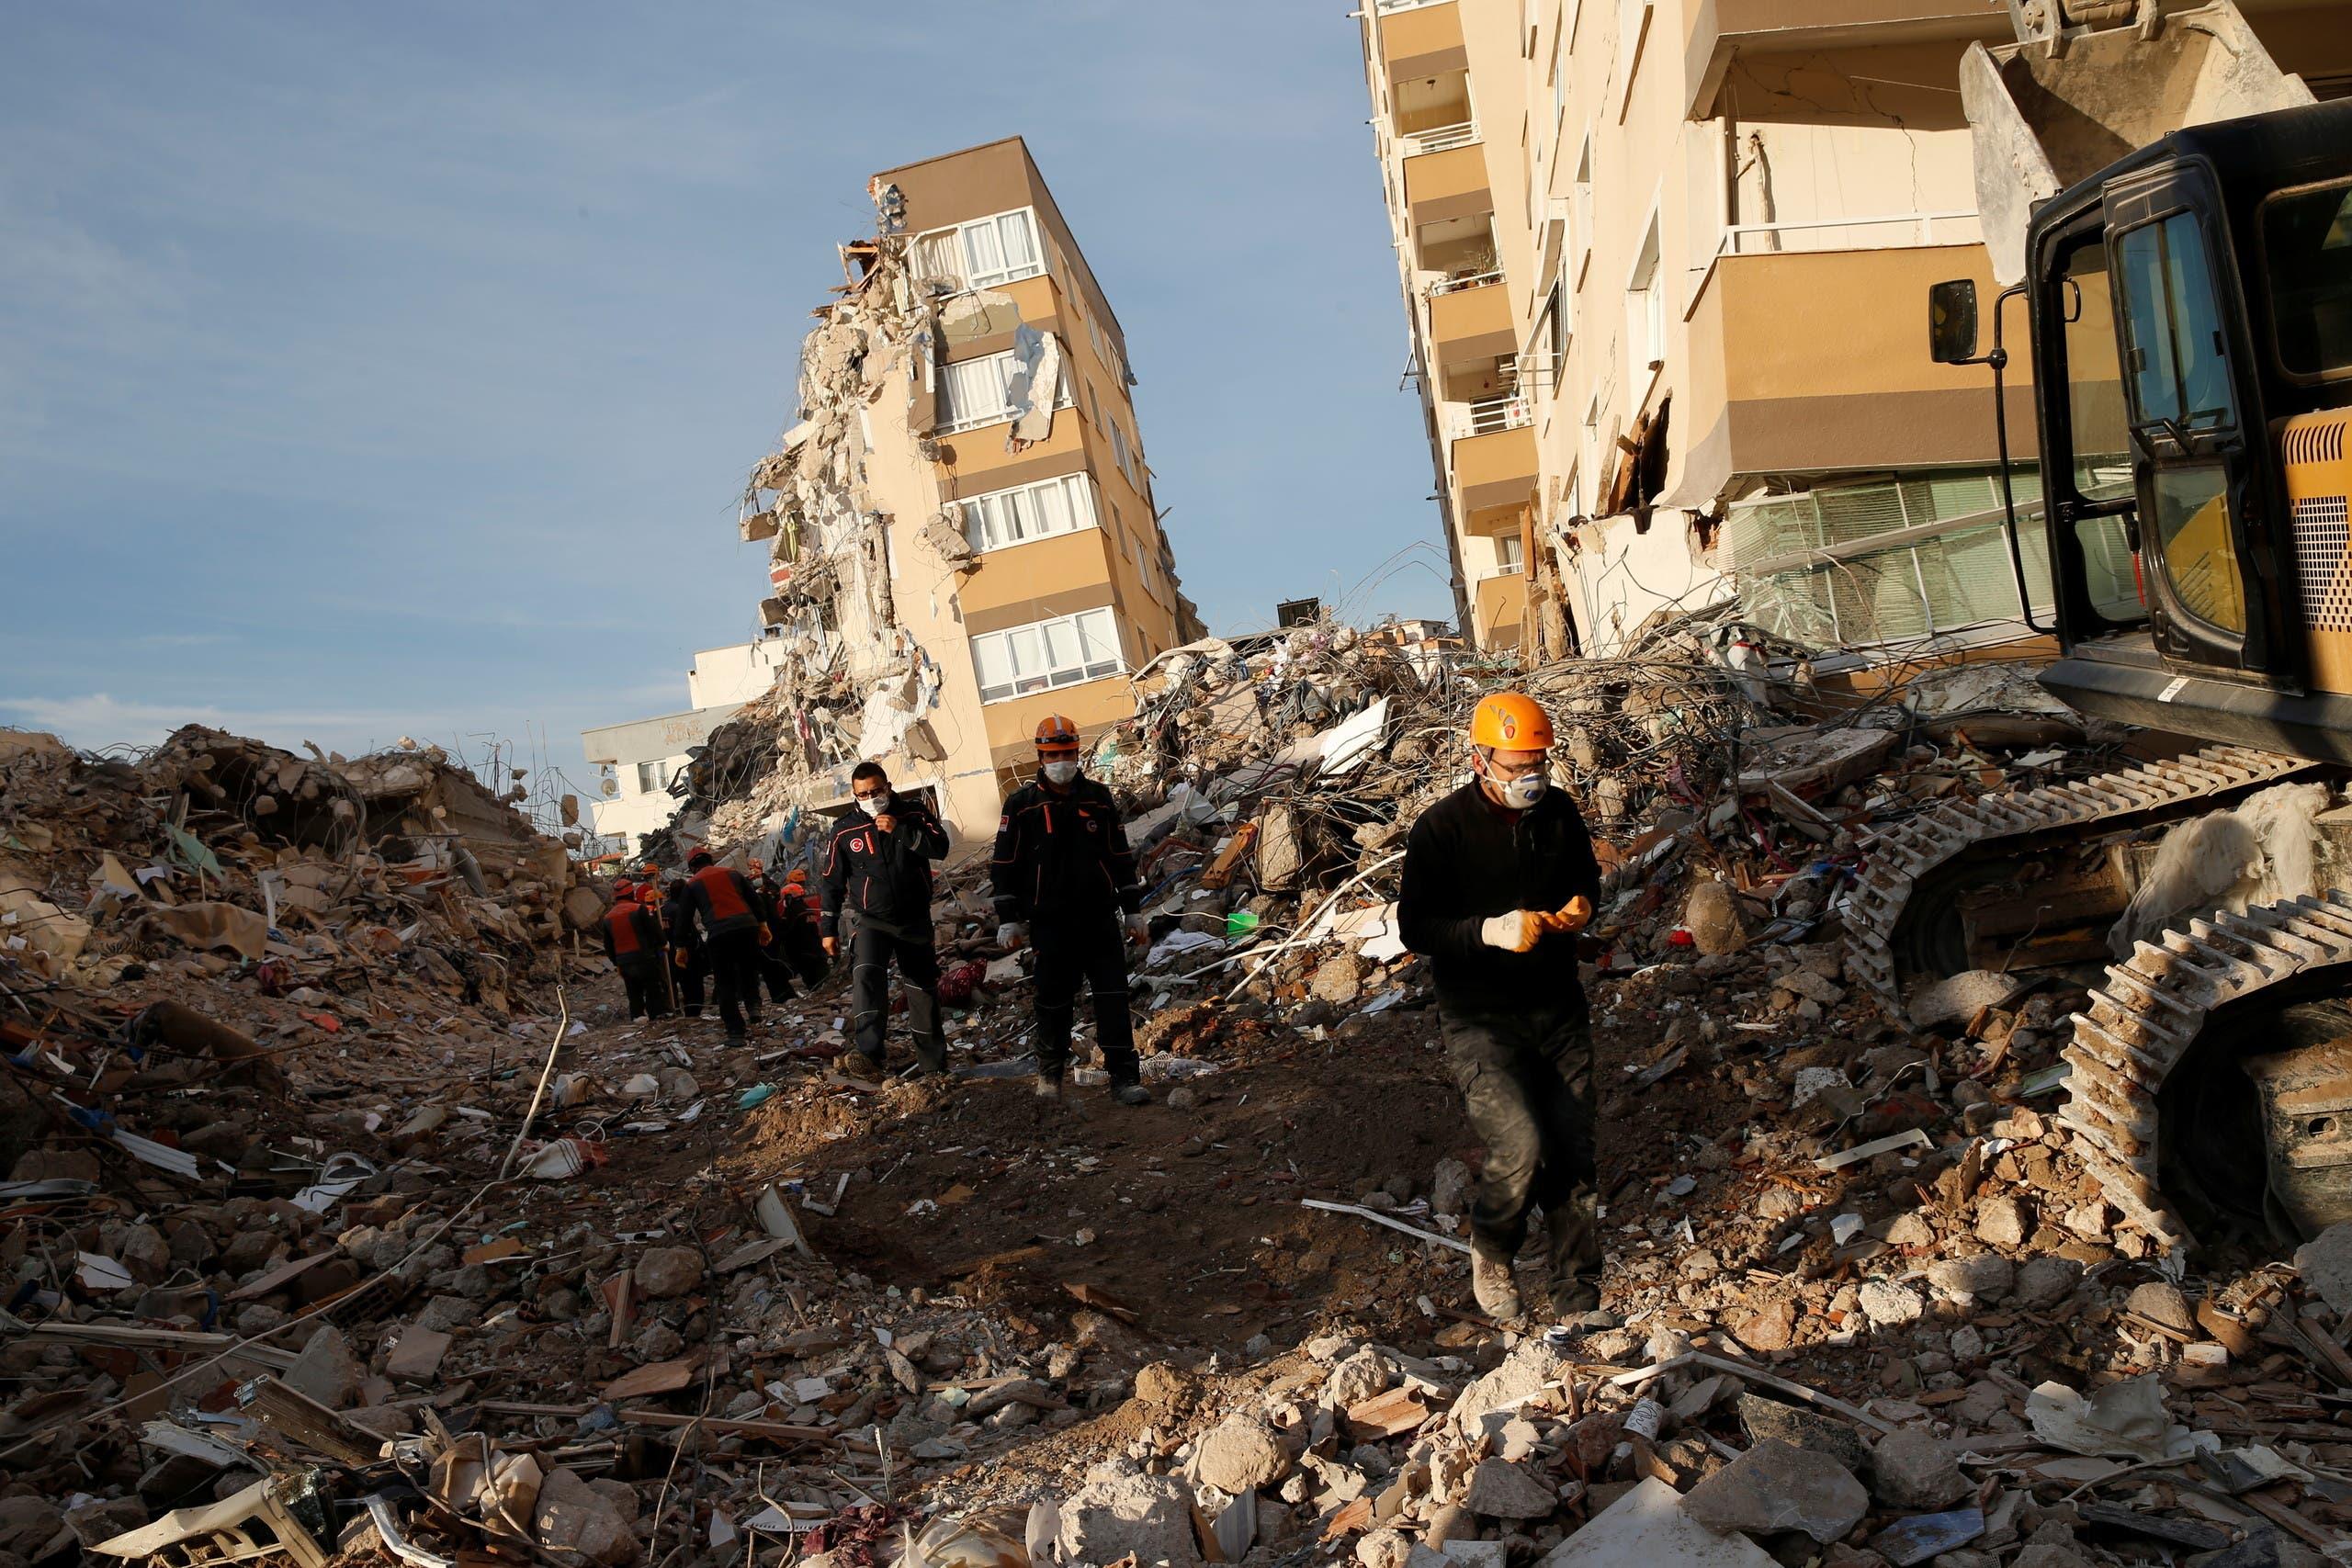 الكار الذي خلّفه الزلزال في ازمير